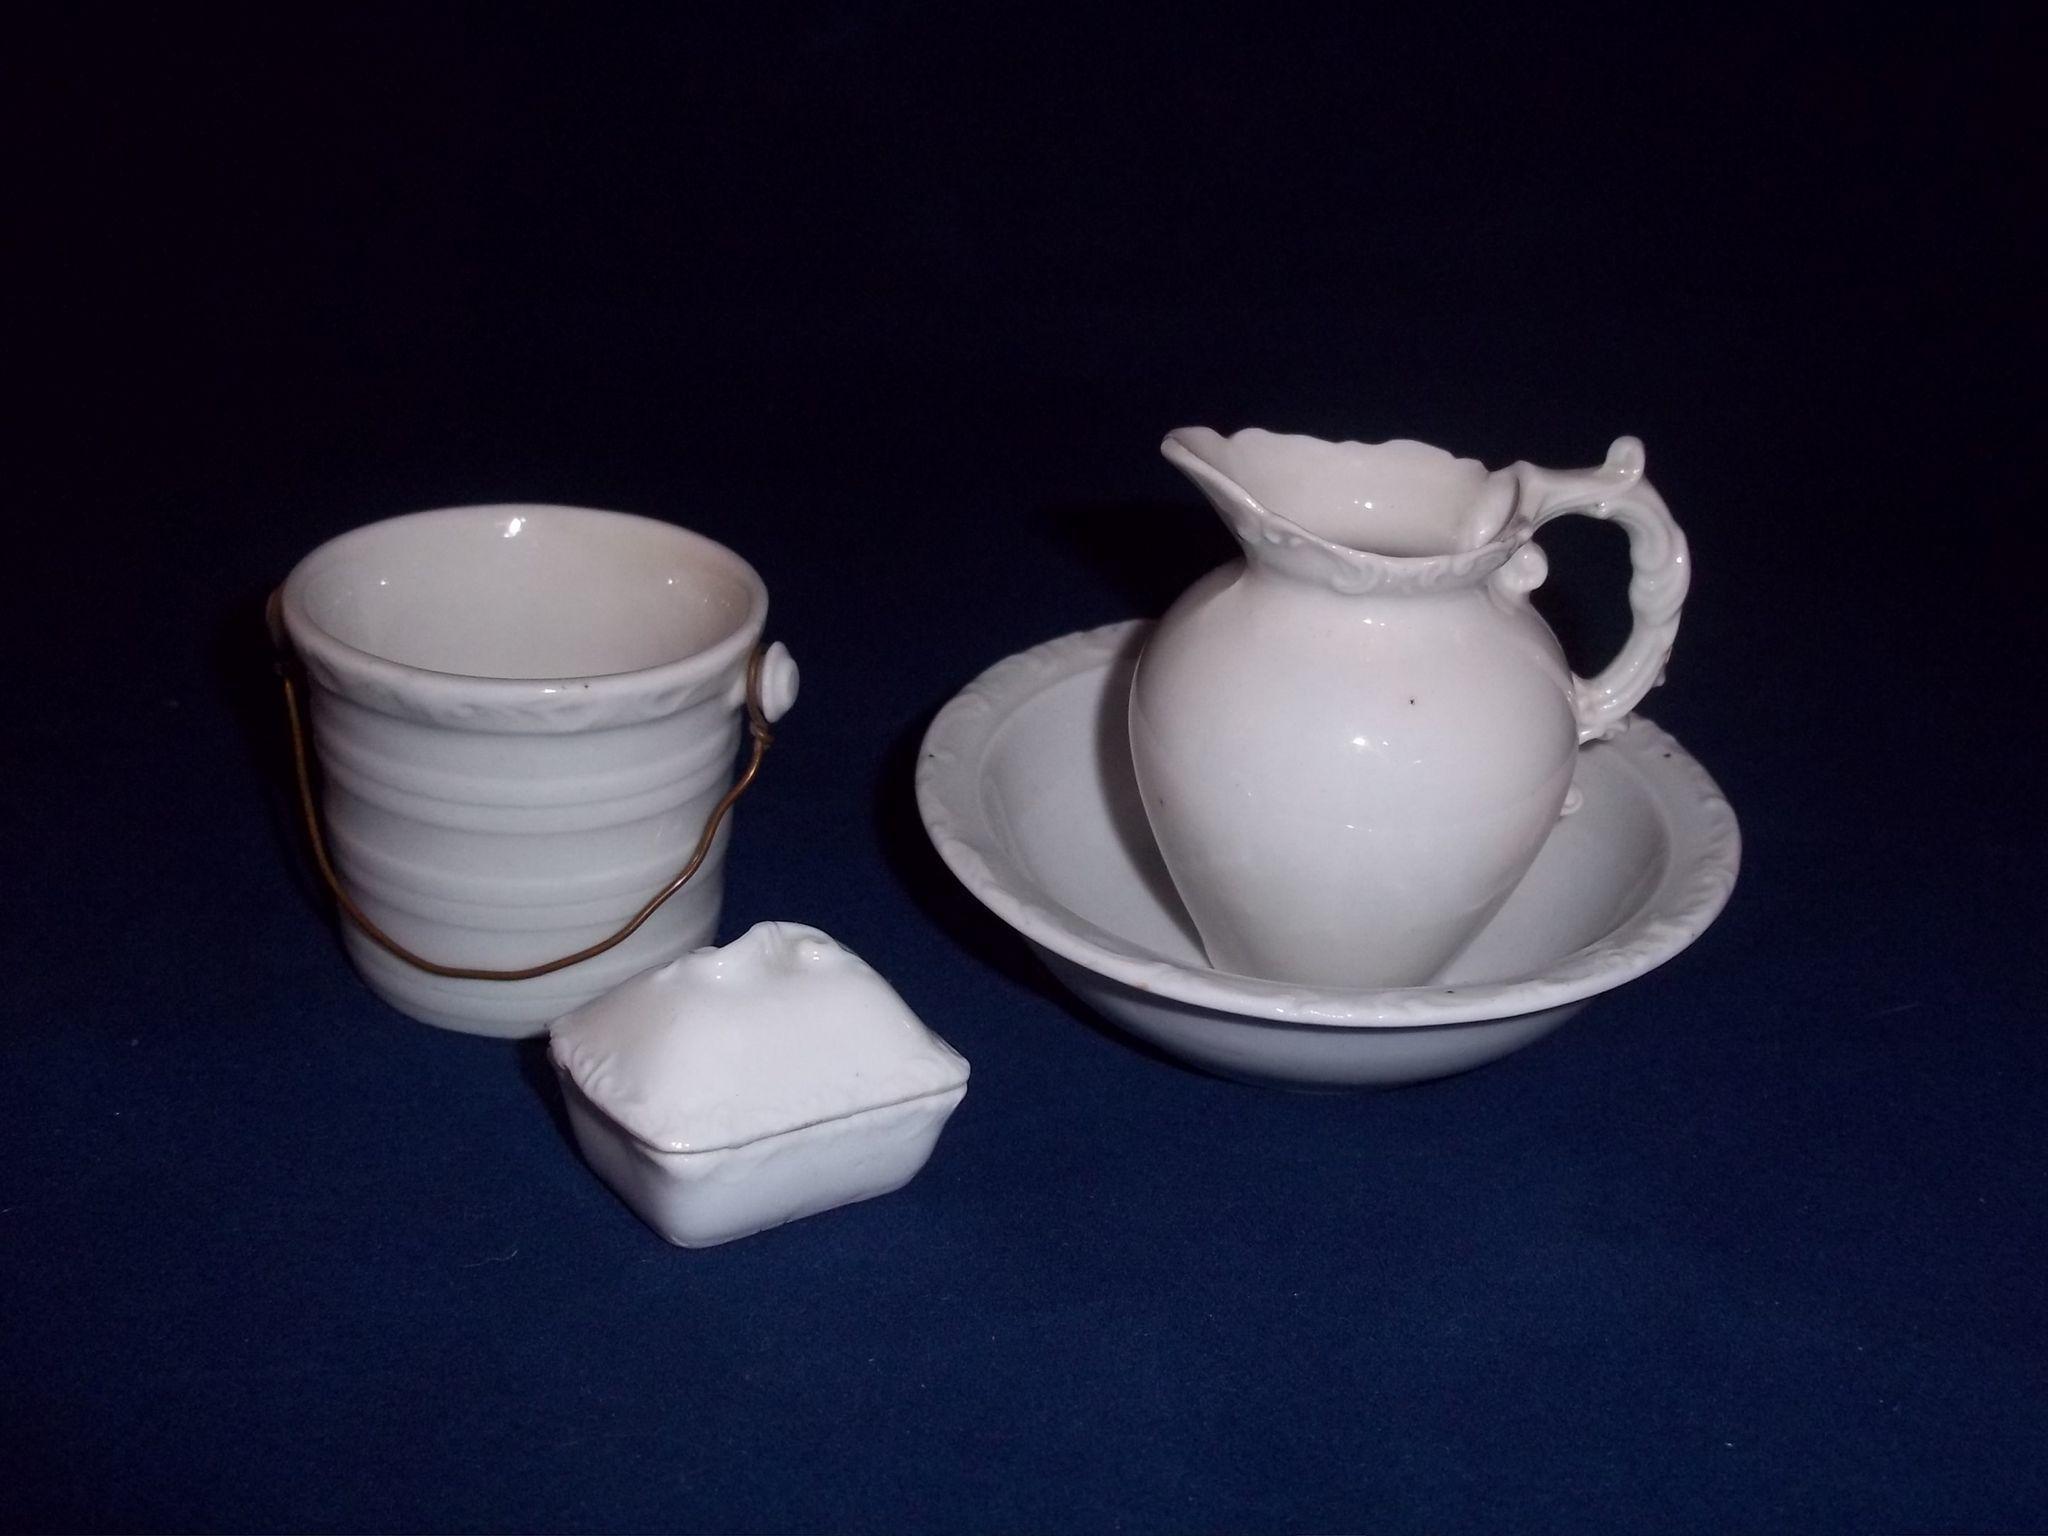 c.1900 Vijf Piece Doll Toilet Set voor Washstand